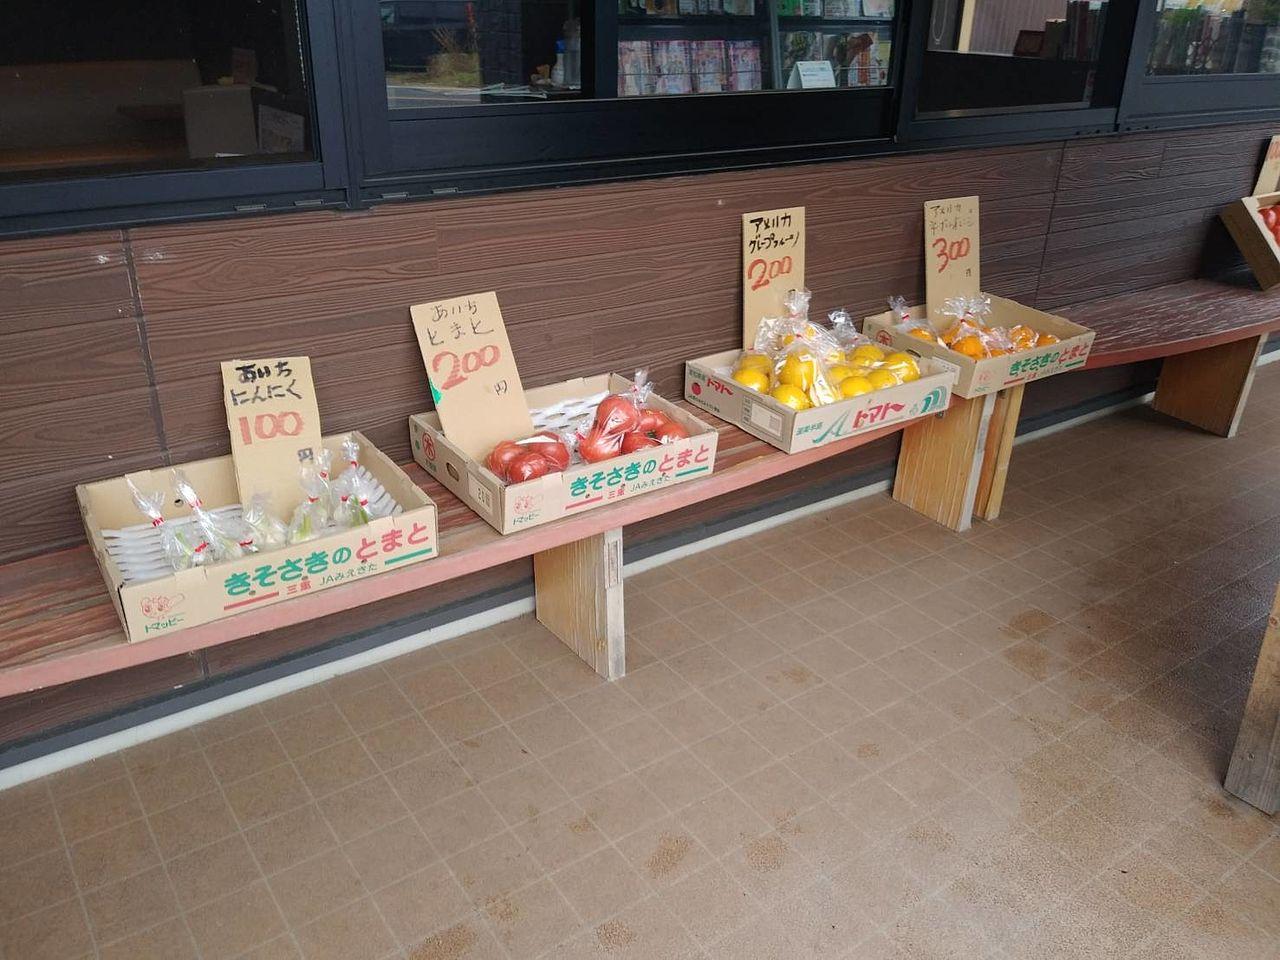 あいちにんにく100円、あいちとまと200円・・・産地の表記と一人暮らし向けの小分け販売にやさしさが表れています。